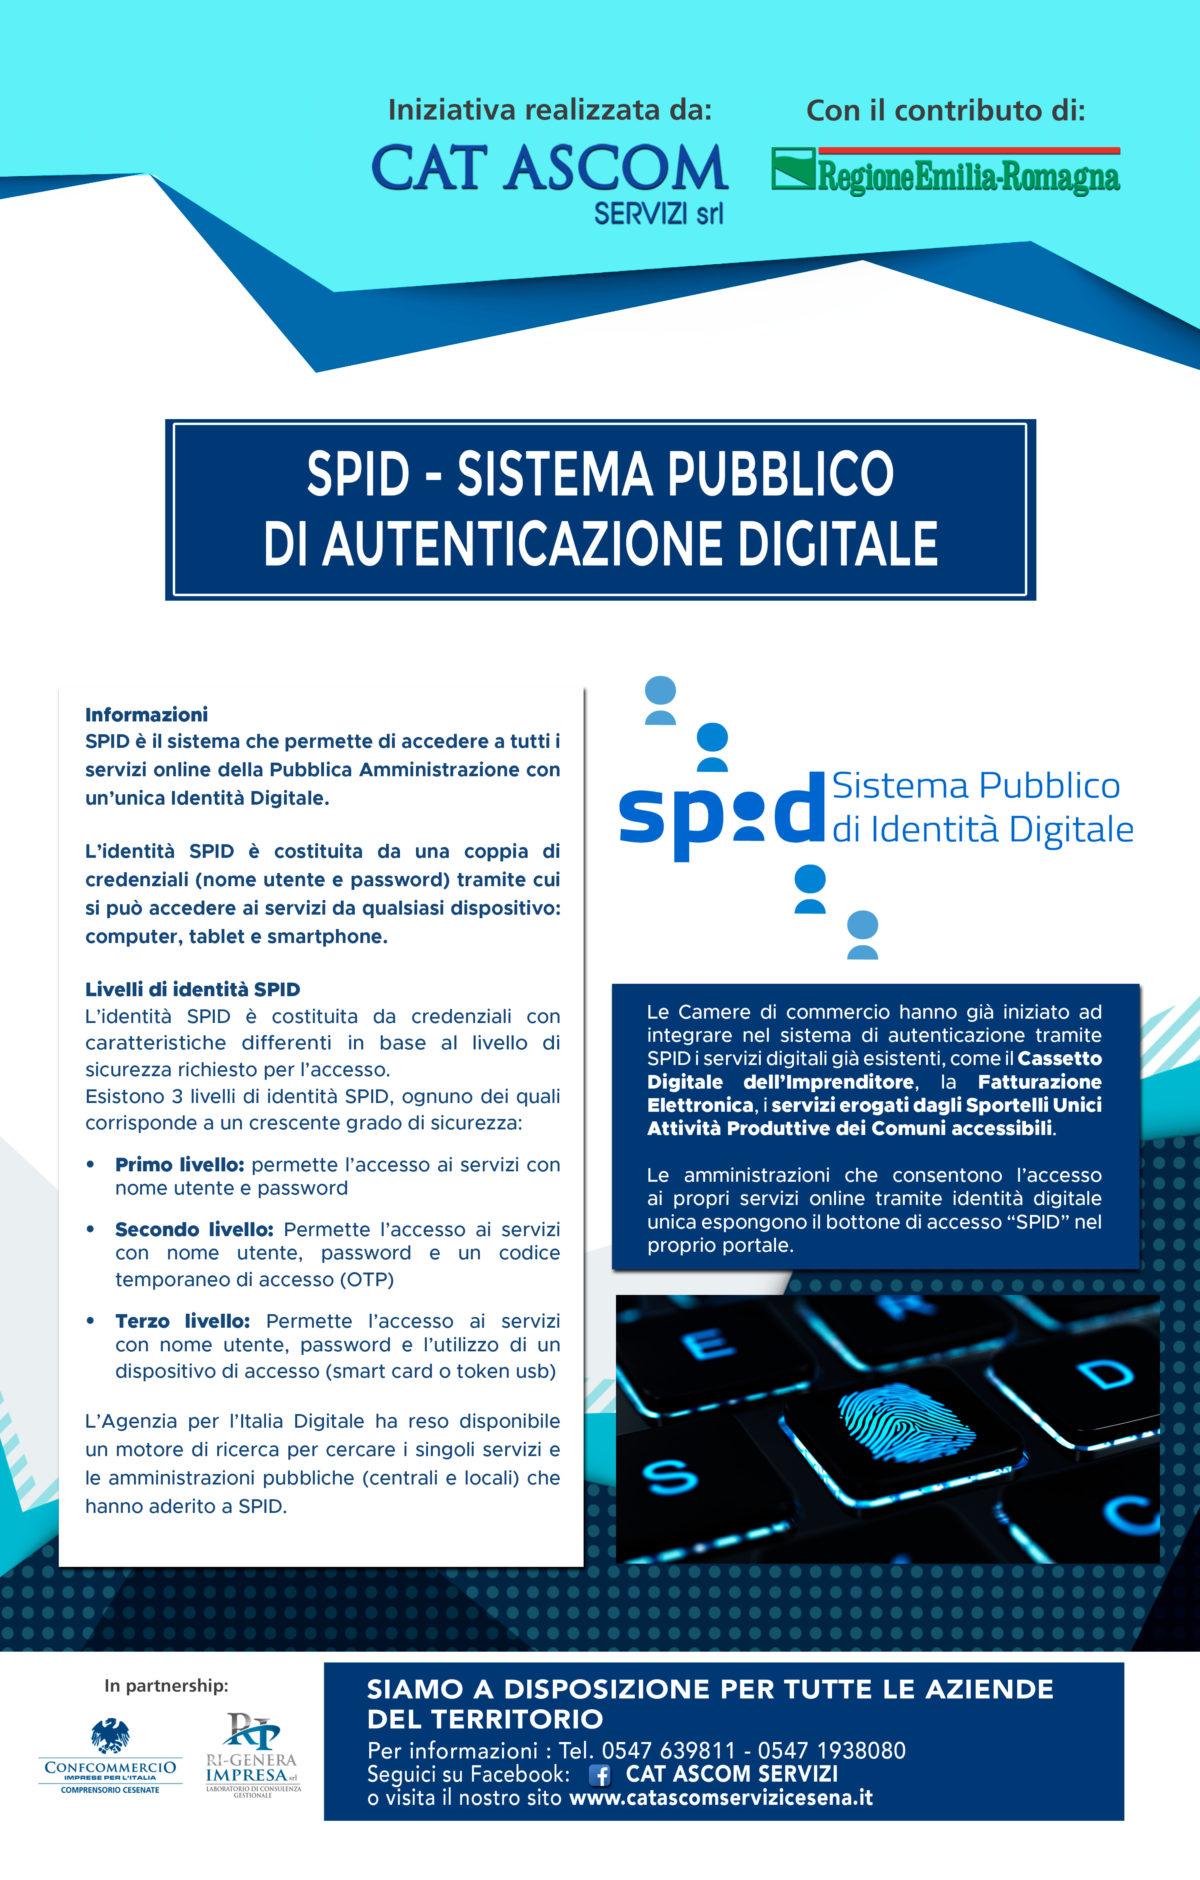 SPID – Sistema Pubblico  di Autenticazione Digitale